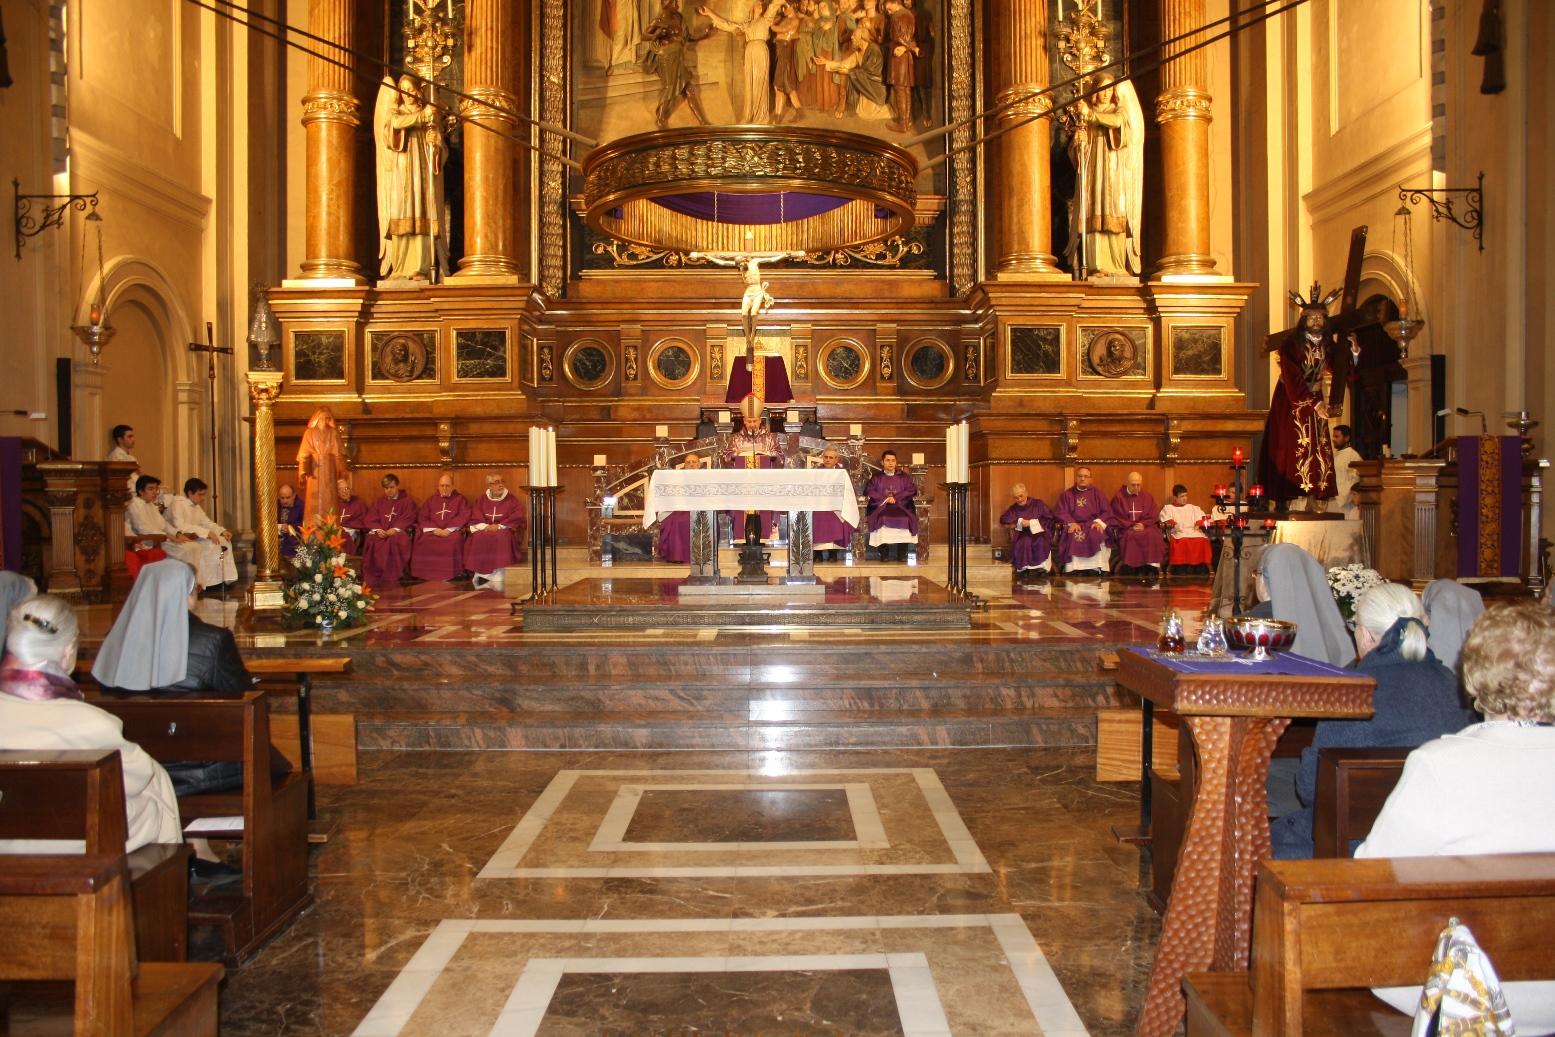 Cien años de presencia en Santa Engracia de las Religiosas de María Inmaculad...